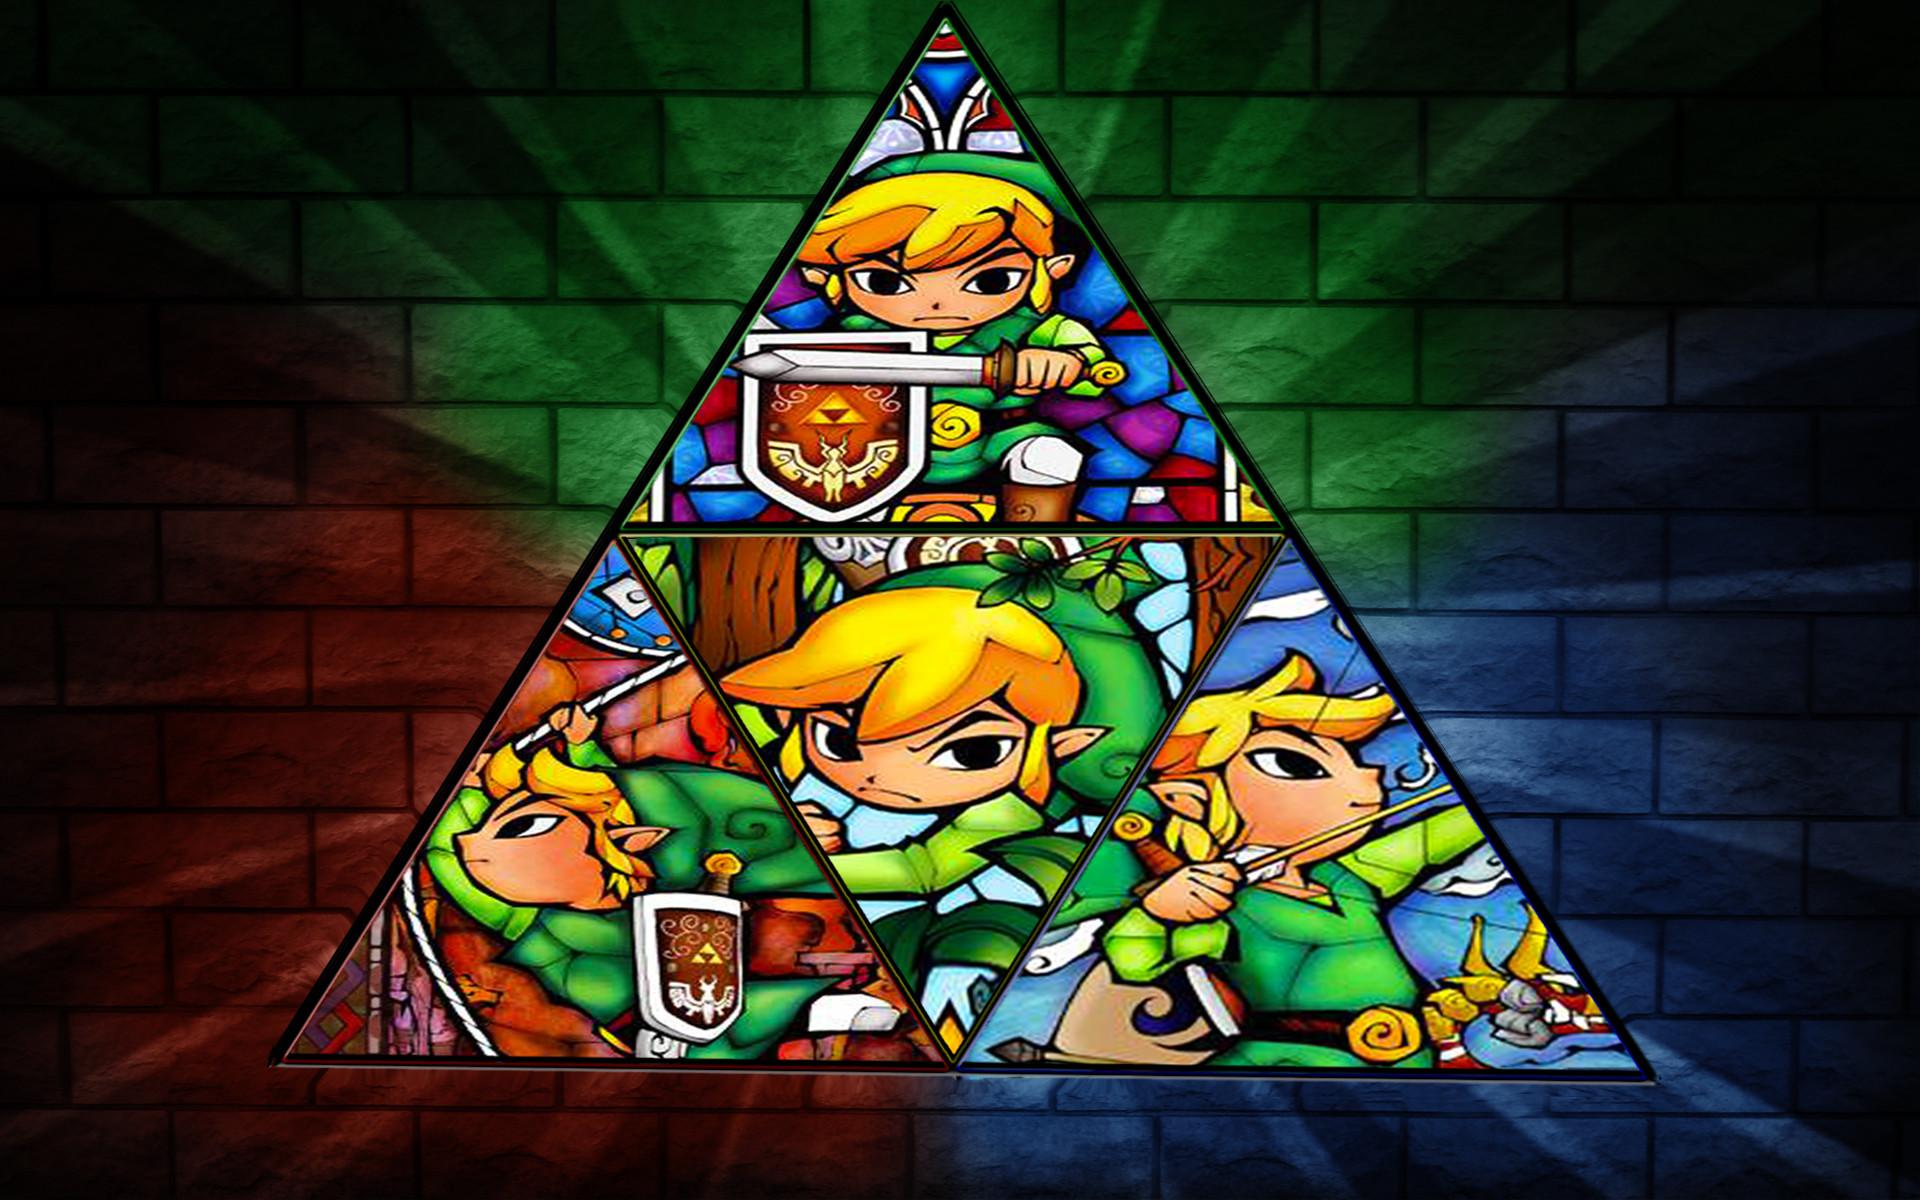 Zelda Wind Waker by Macmorn Zelda Wind Waker by Macmorn